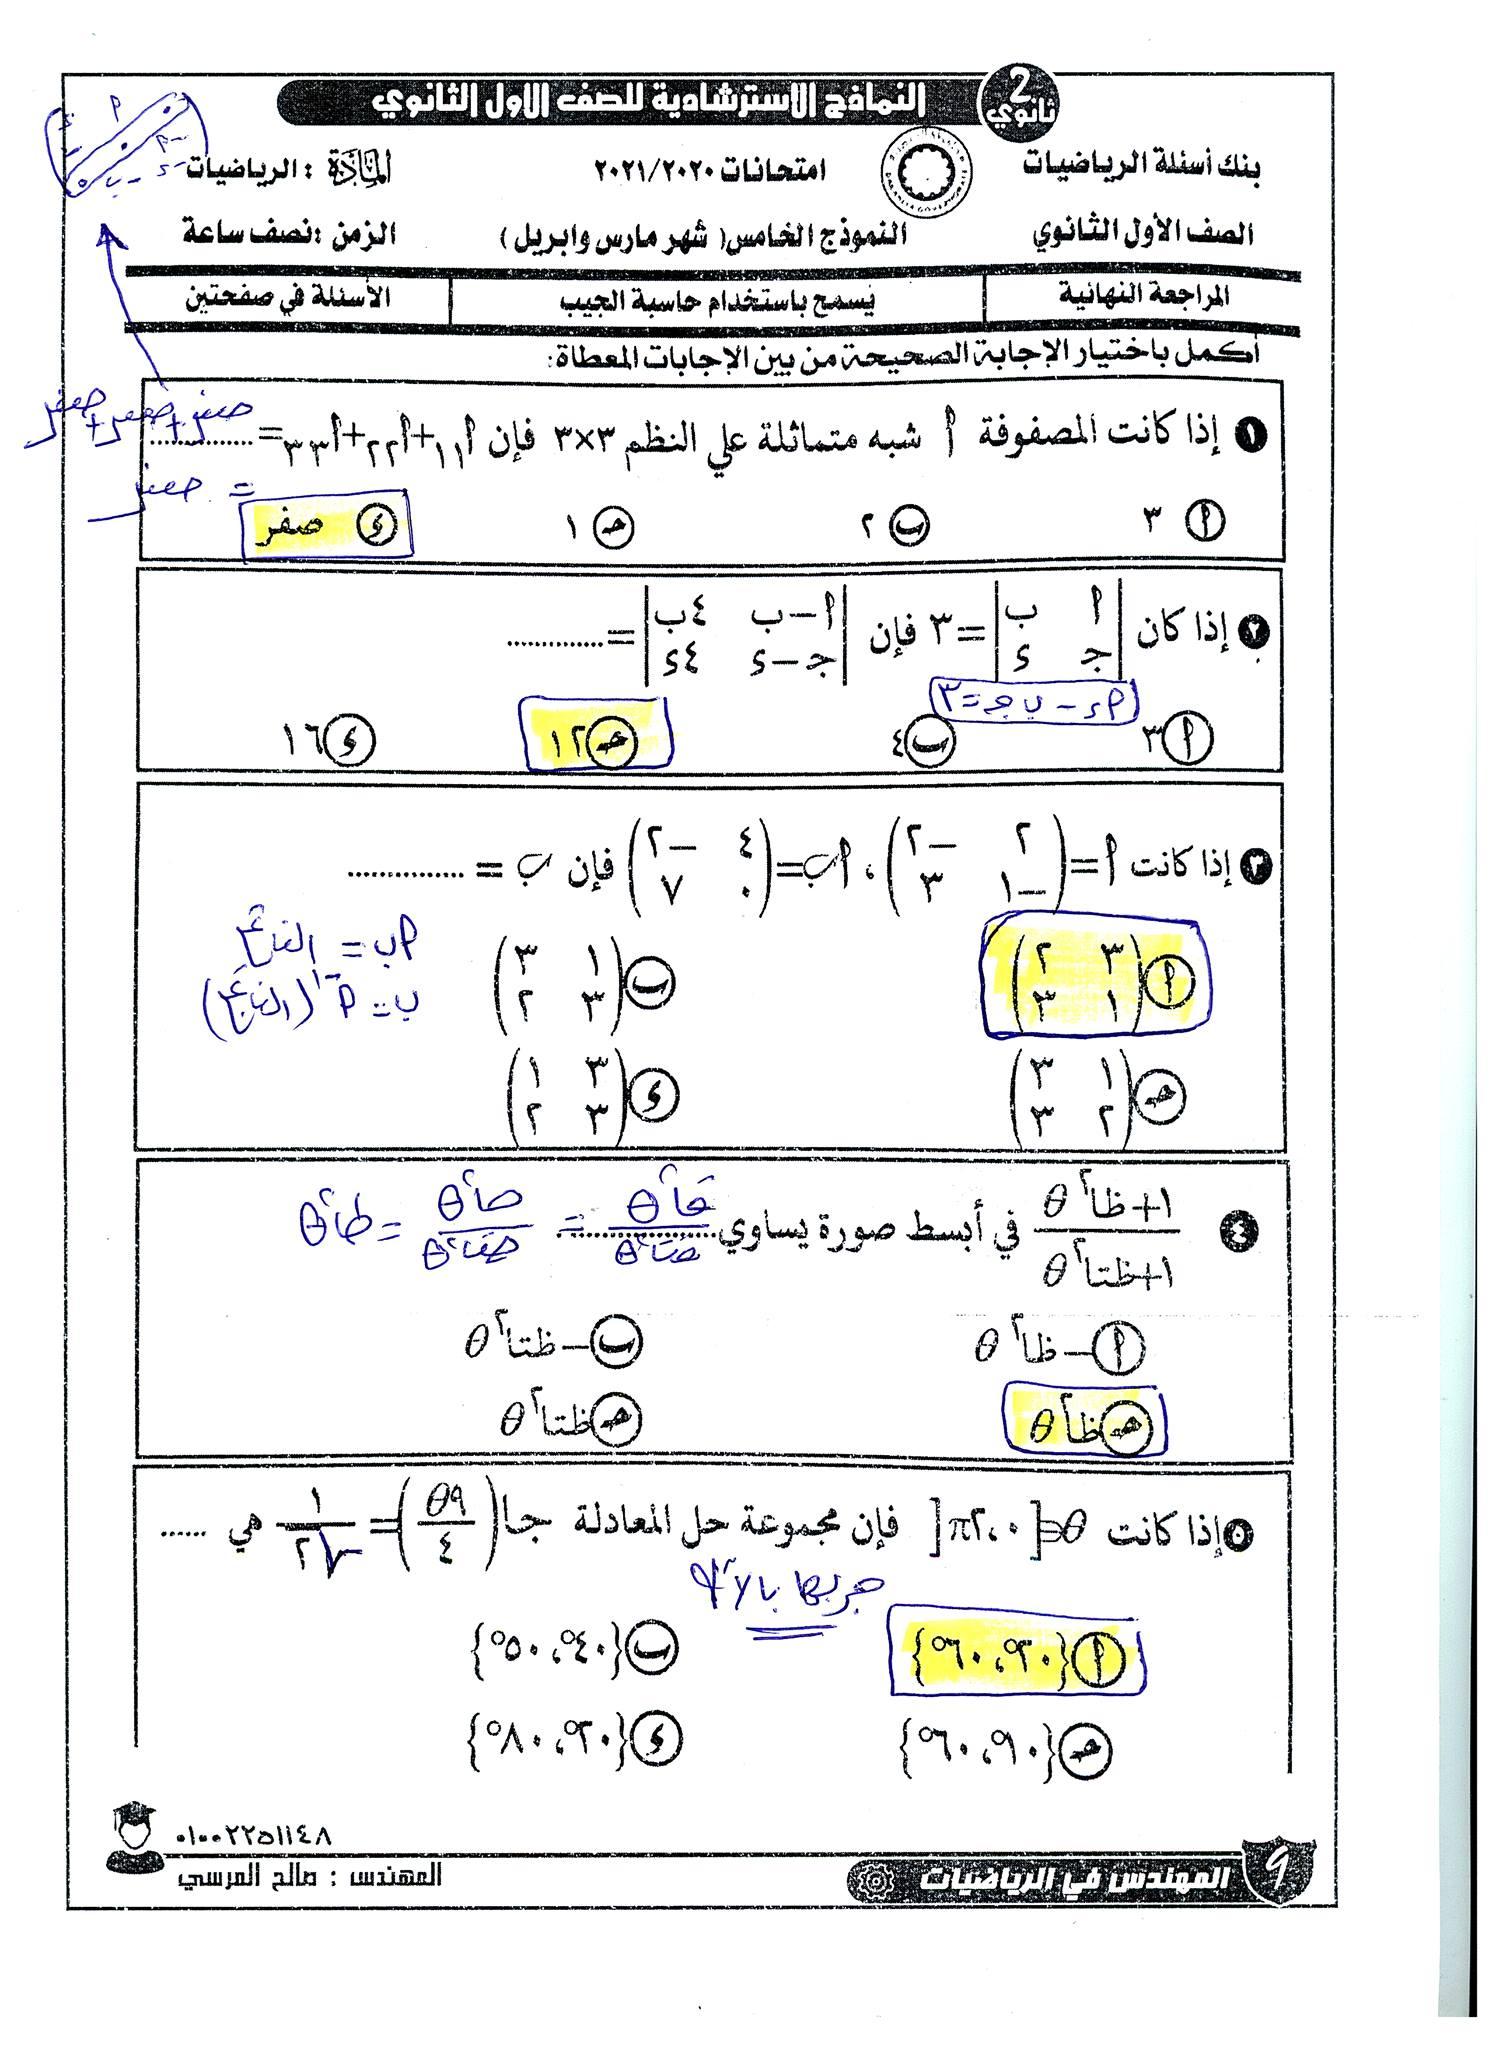 مراجعة ليلة الامتحان رياضيات للصف الأول الثانوي ترم ثاني.. ملخص كامل متكامل للقوانين و حل النماذج الاسترشادية 15